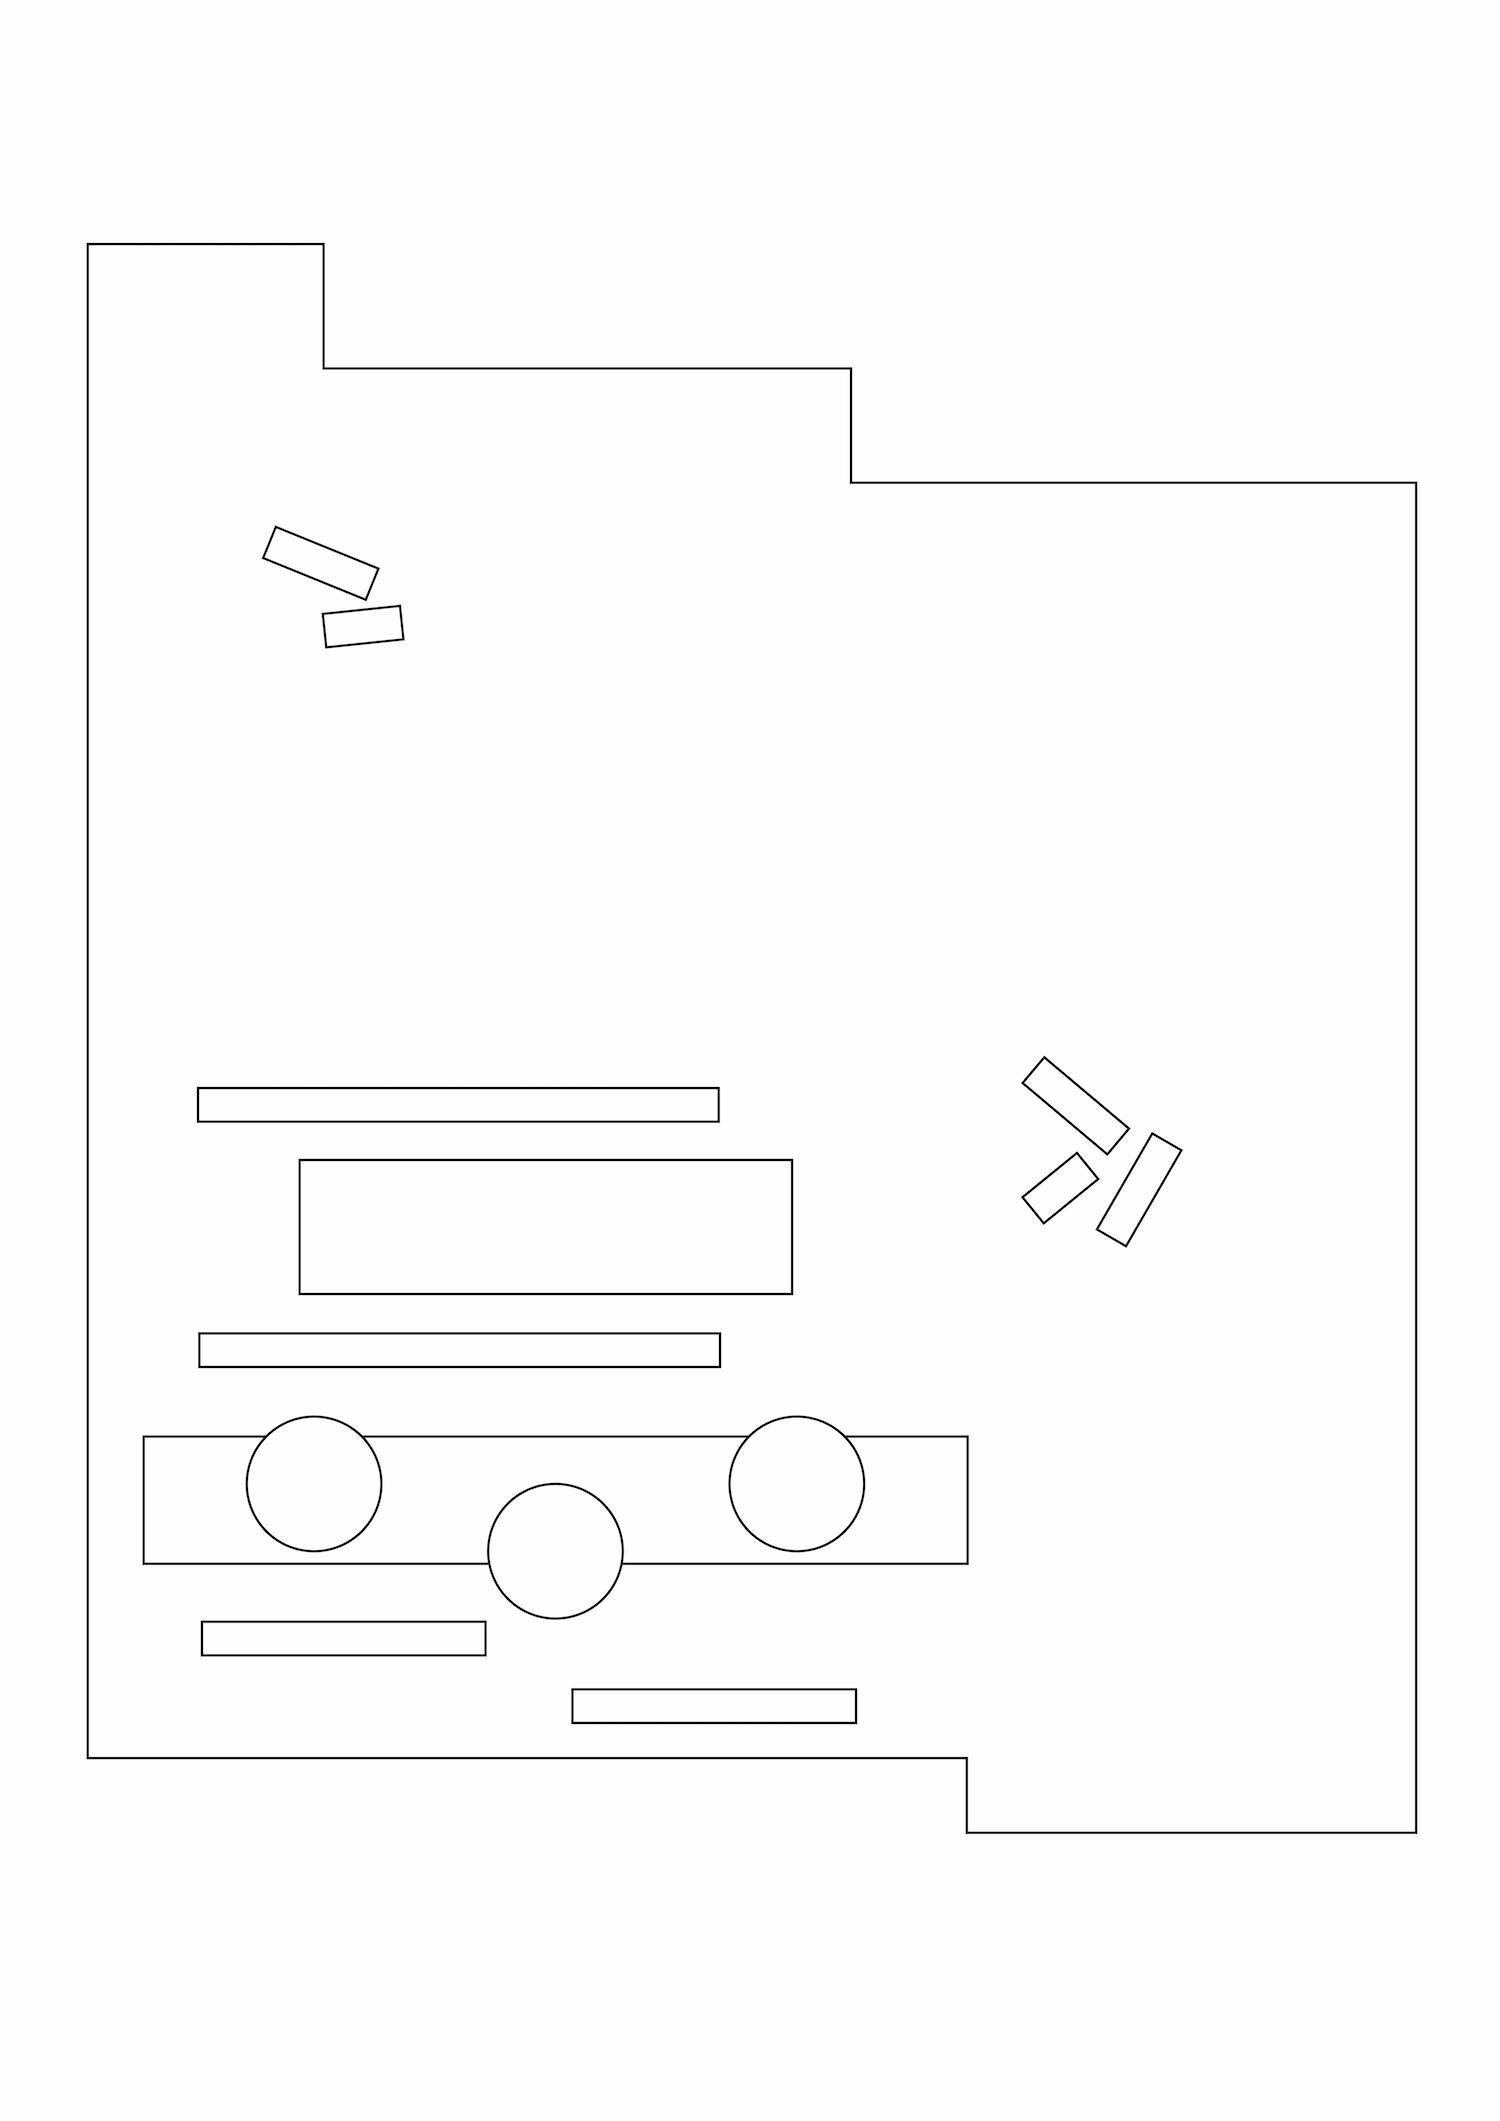 9_Zeichenfläche 1.jpg